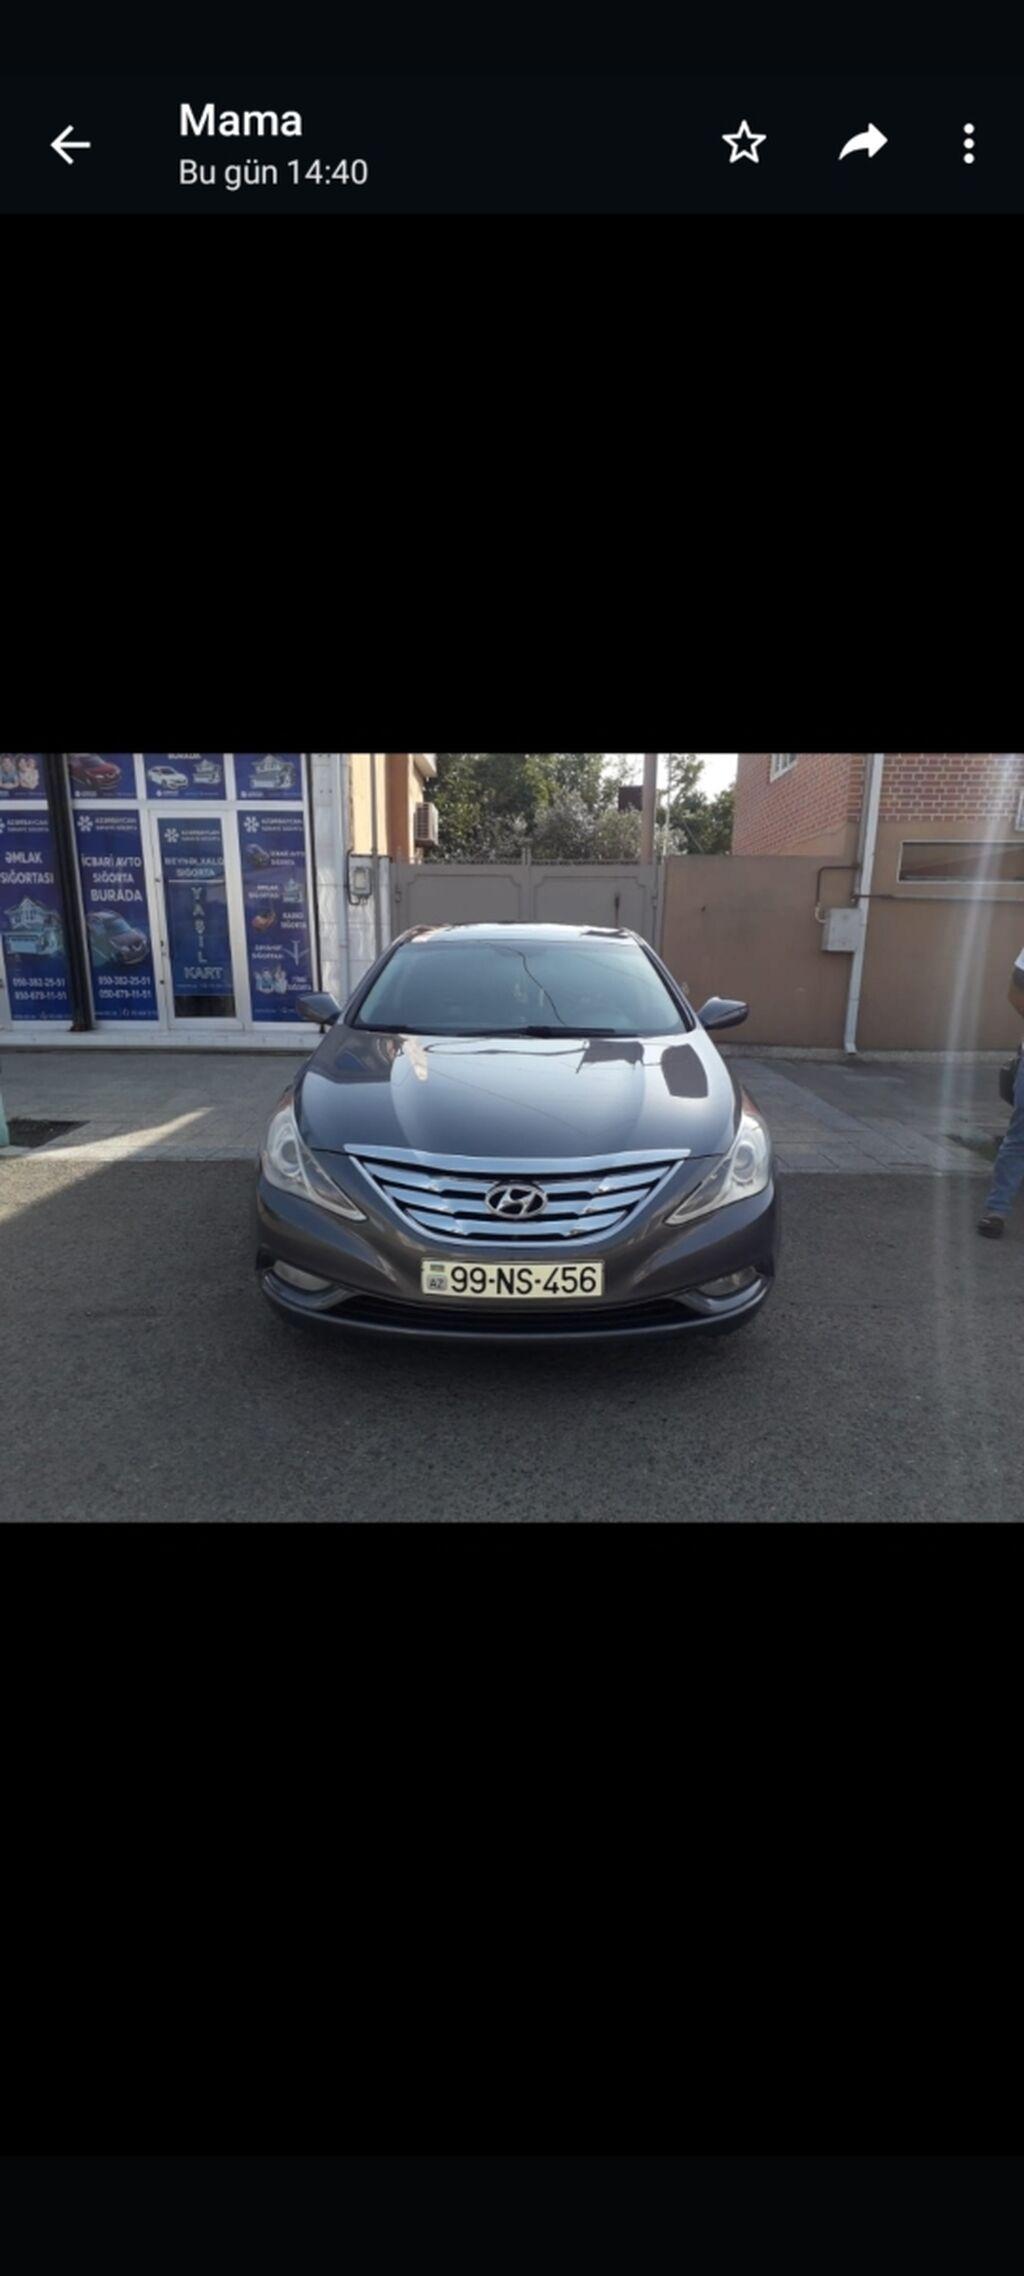 Hyundai Sonata 2 l. 2011 | 100000 km | Elan yaradılıb 14 Oktyabr 2021 15:25:21 | HYUNDAI: Hyundai Sonata 2 l. 2011 | 100000 km